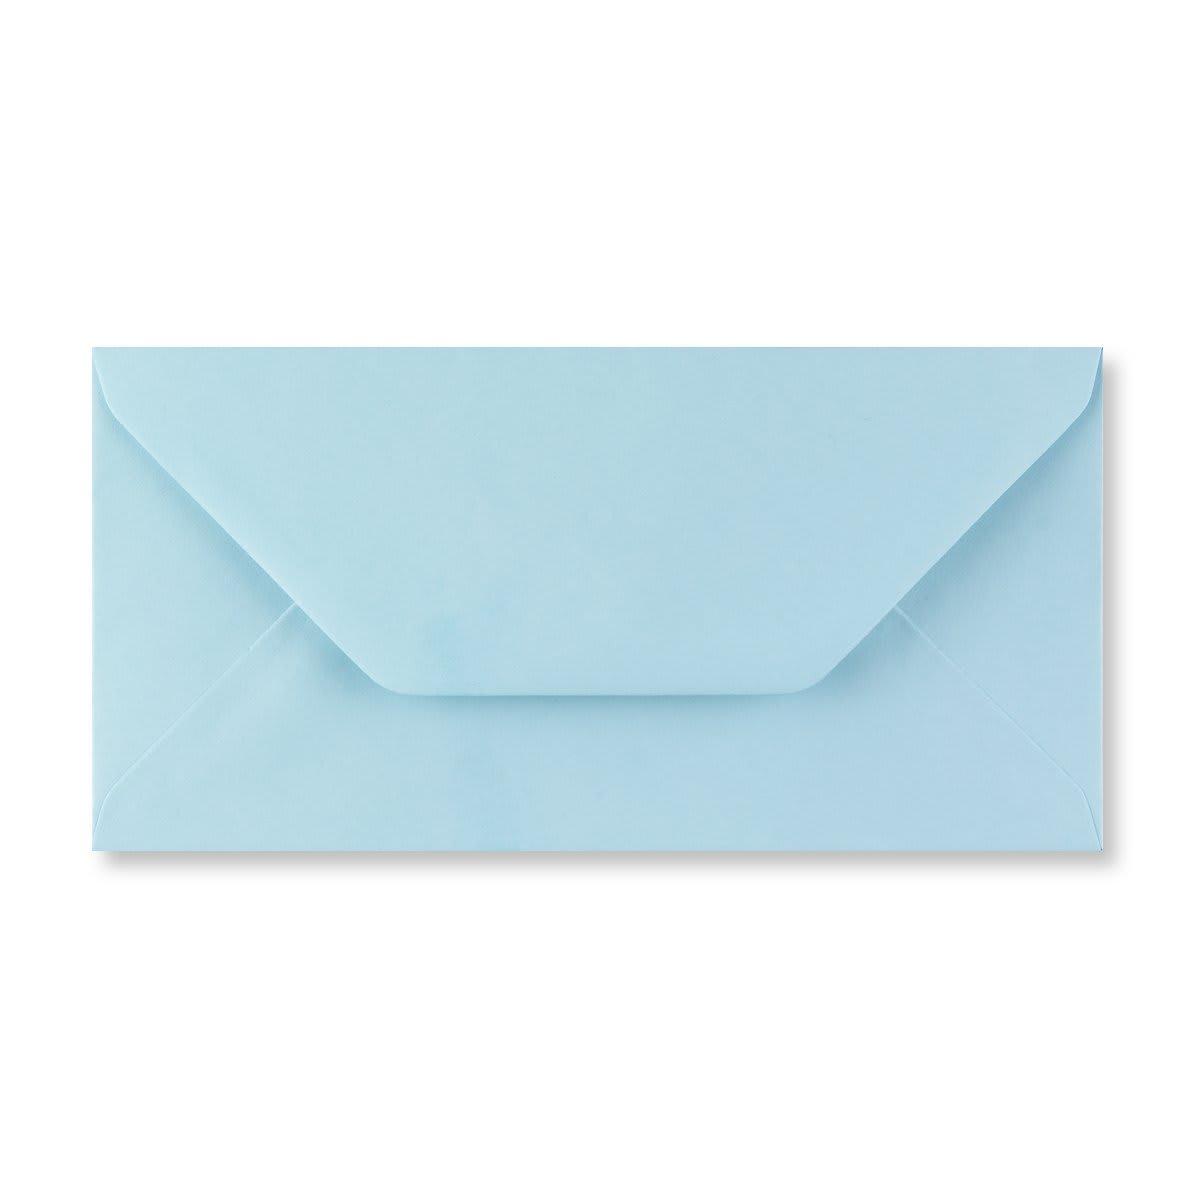 DL PASTEL BLUE ENVELOPES